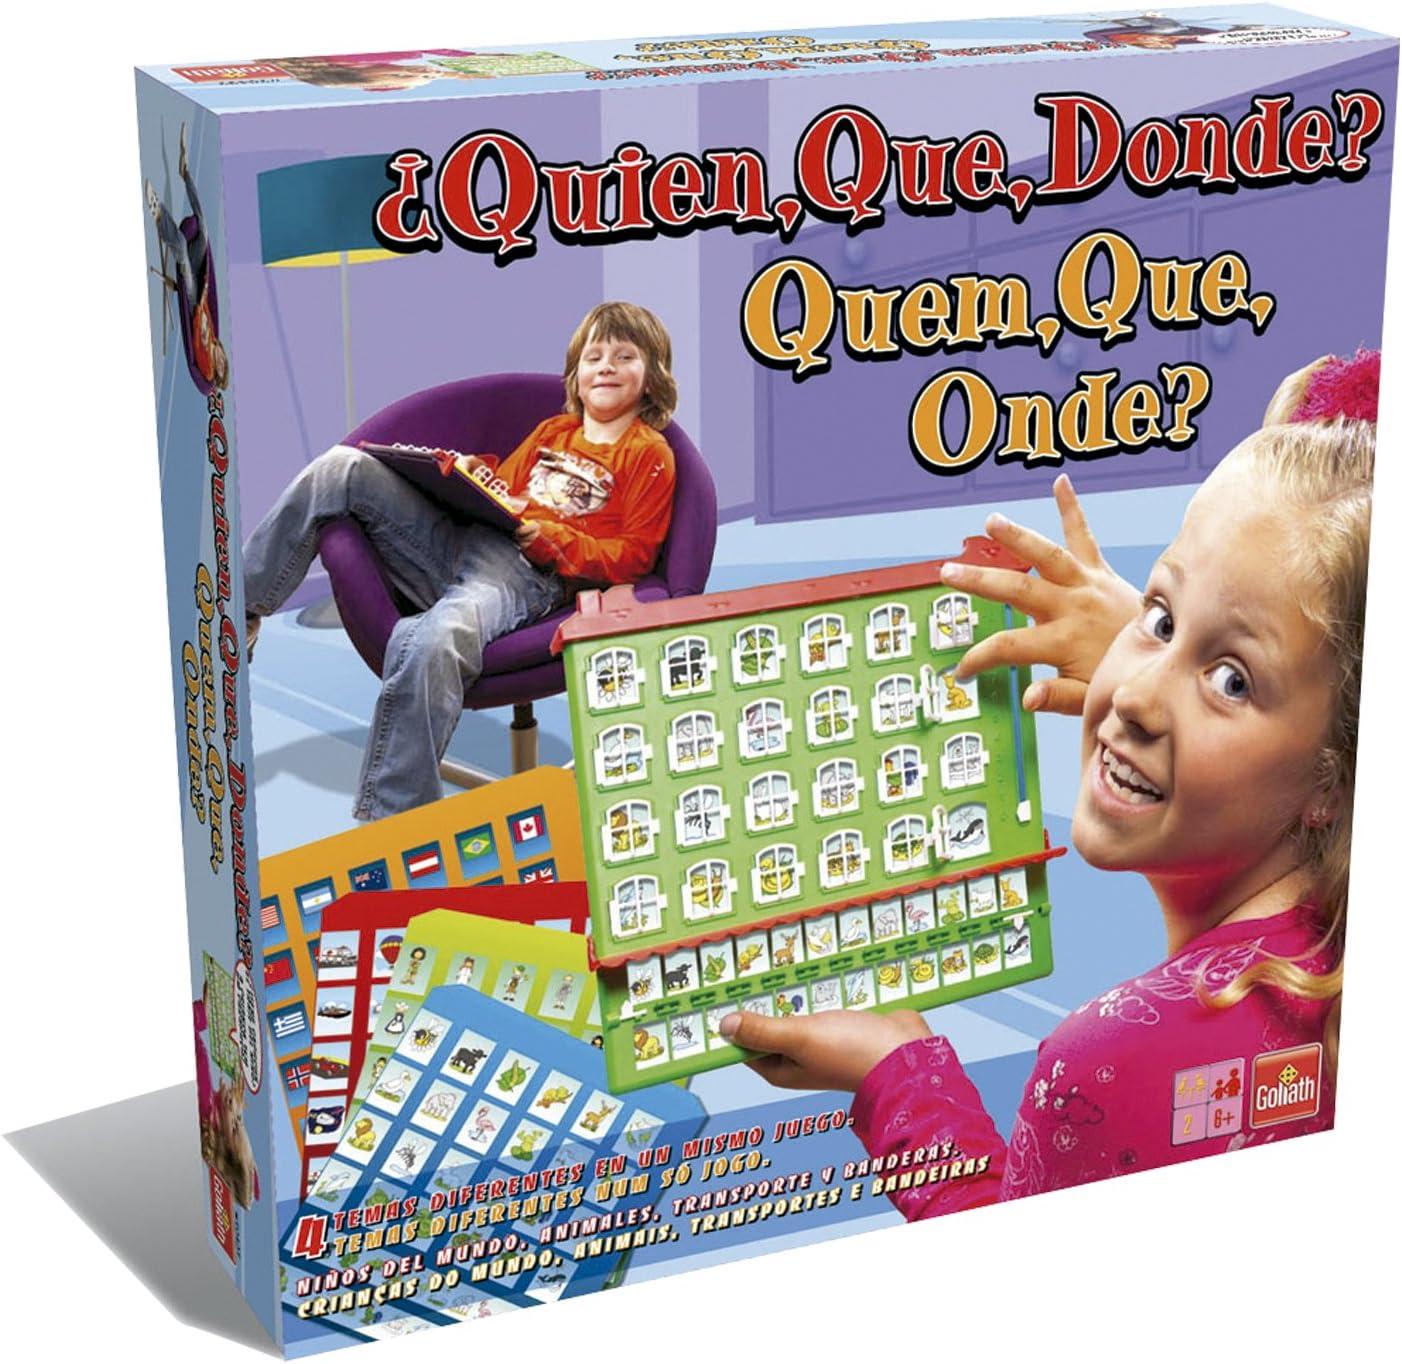 Goliath - ¿Quién, Qué, Dónde?, Juego de Mesa (70.437): Amazon.es: Juguetes y juegos